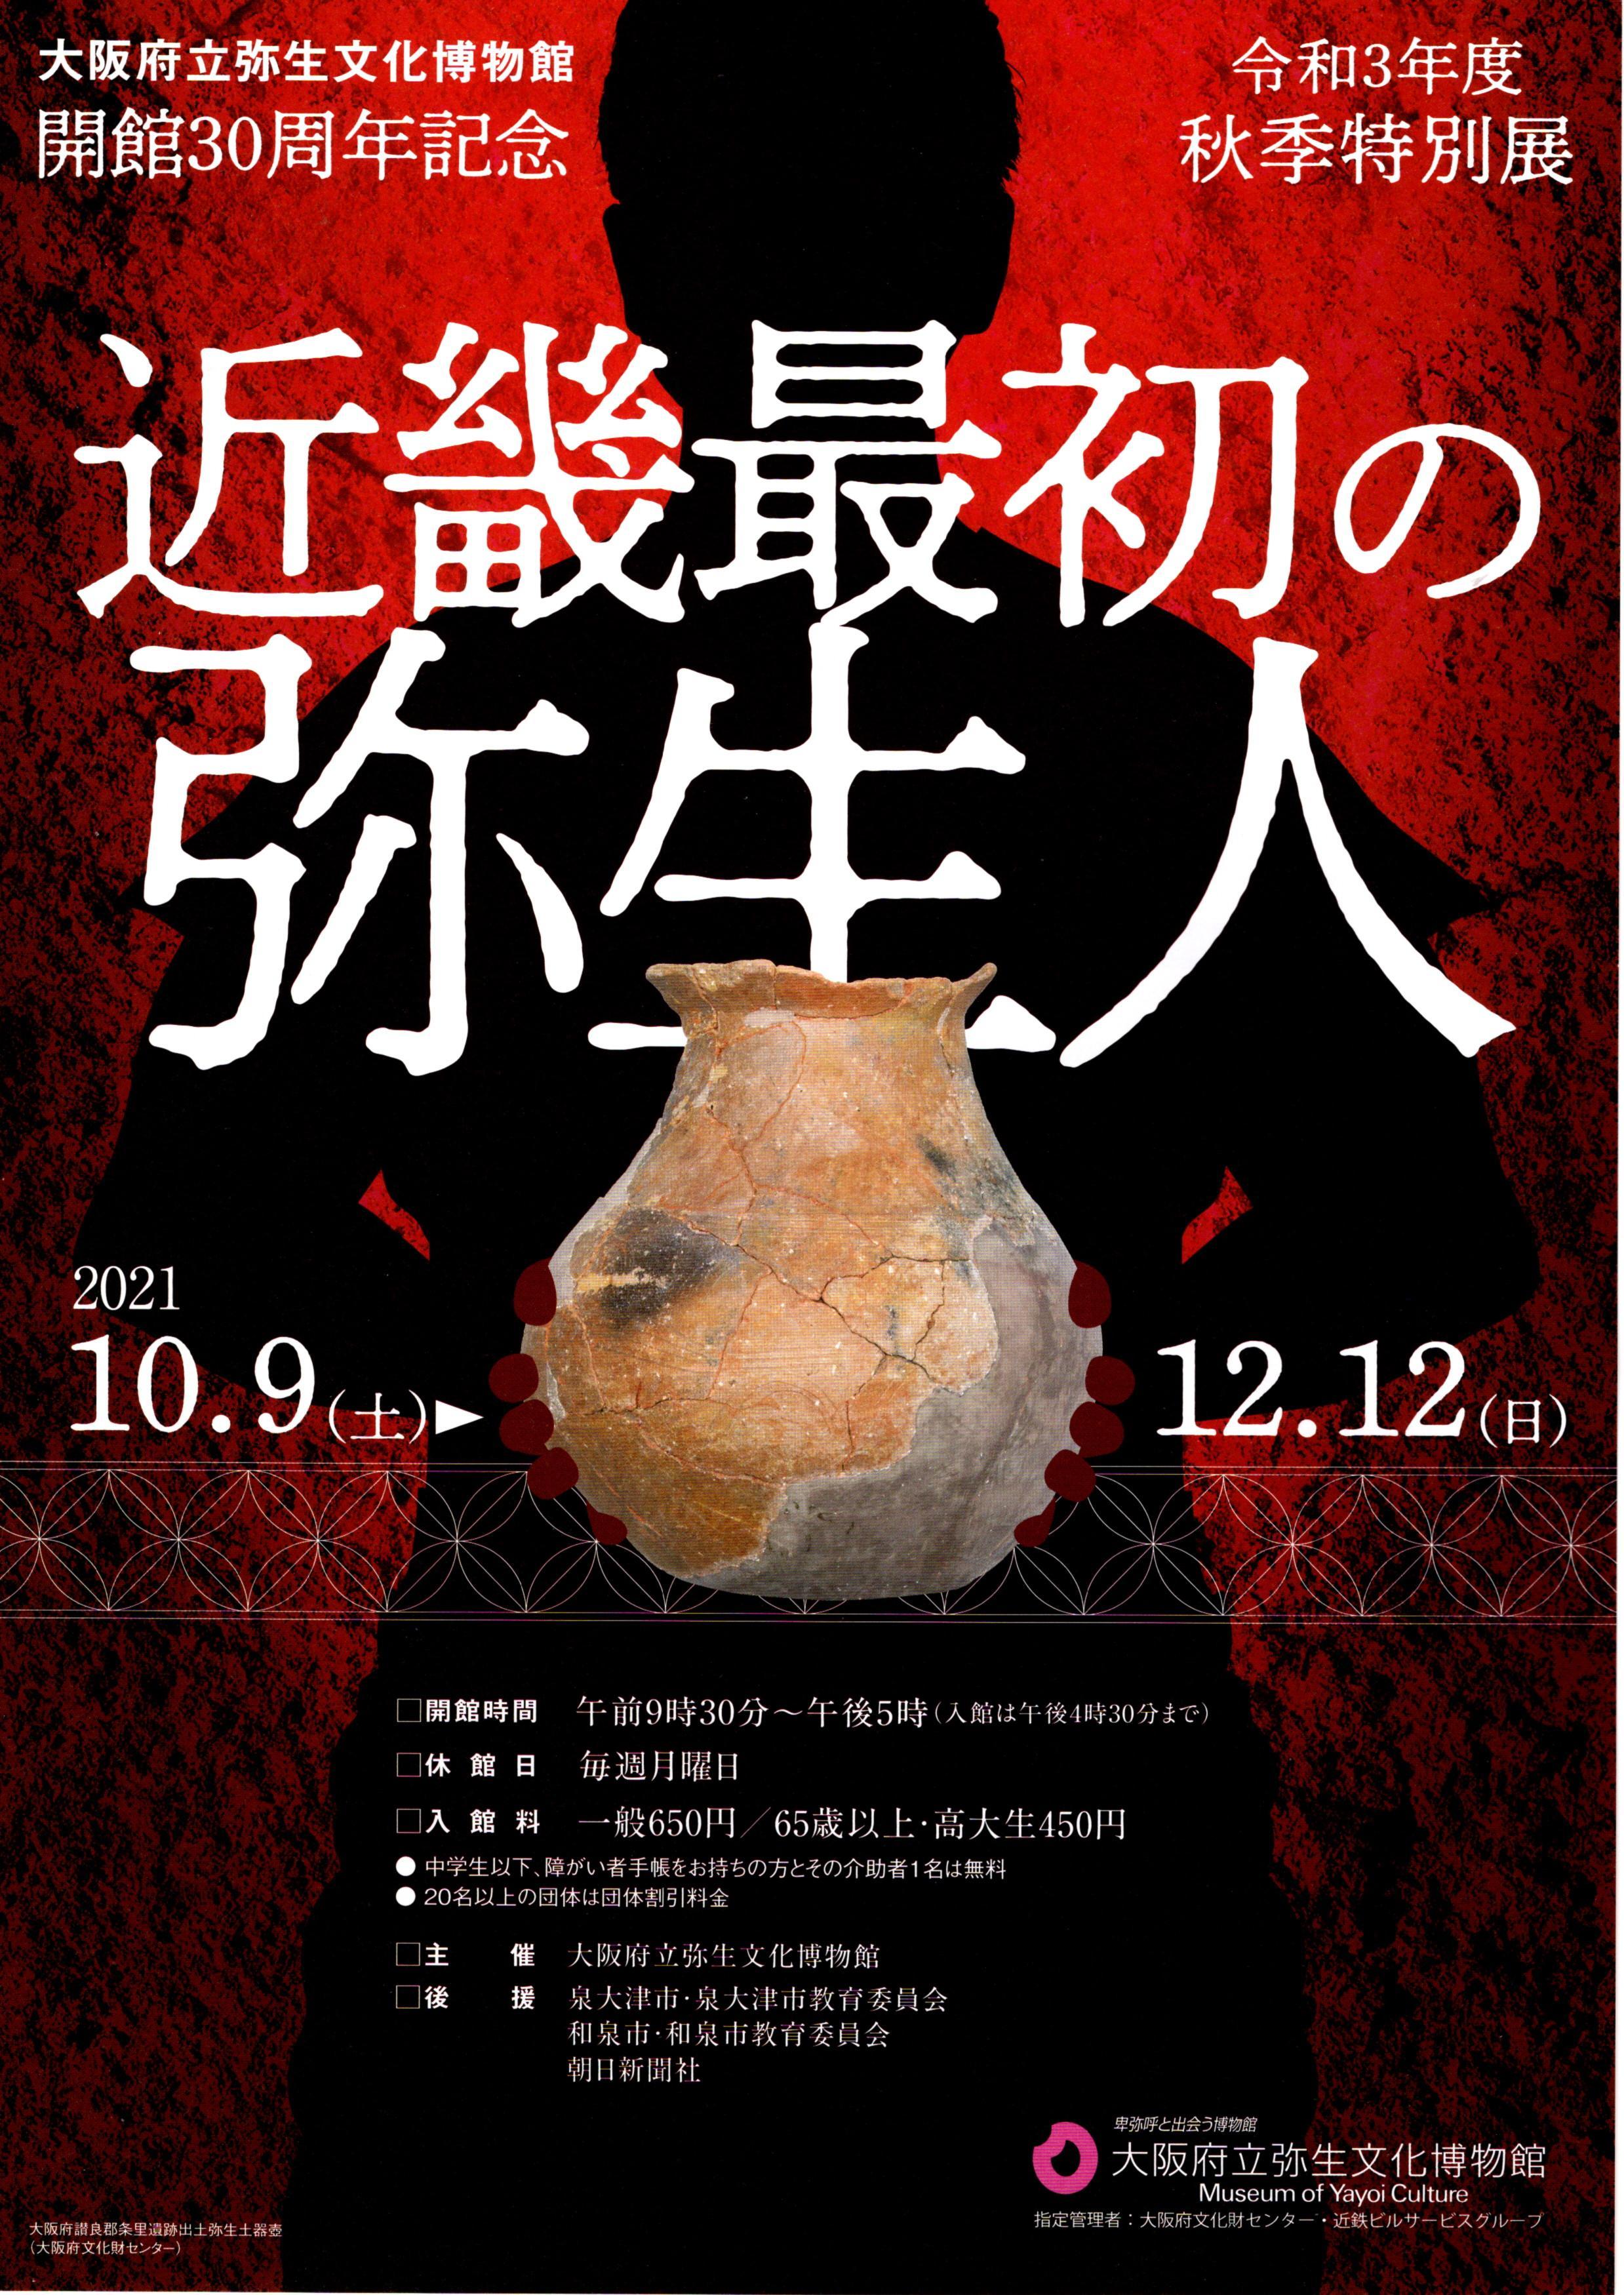 大阪府立弥生文化博物館開館30周年記念 令和3年度秋季特別展 近畿最初の弥生人